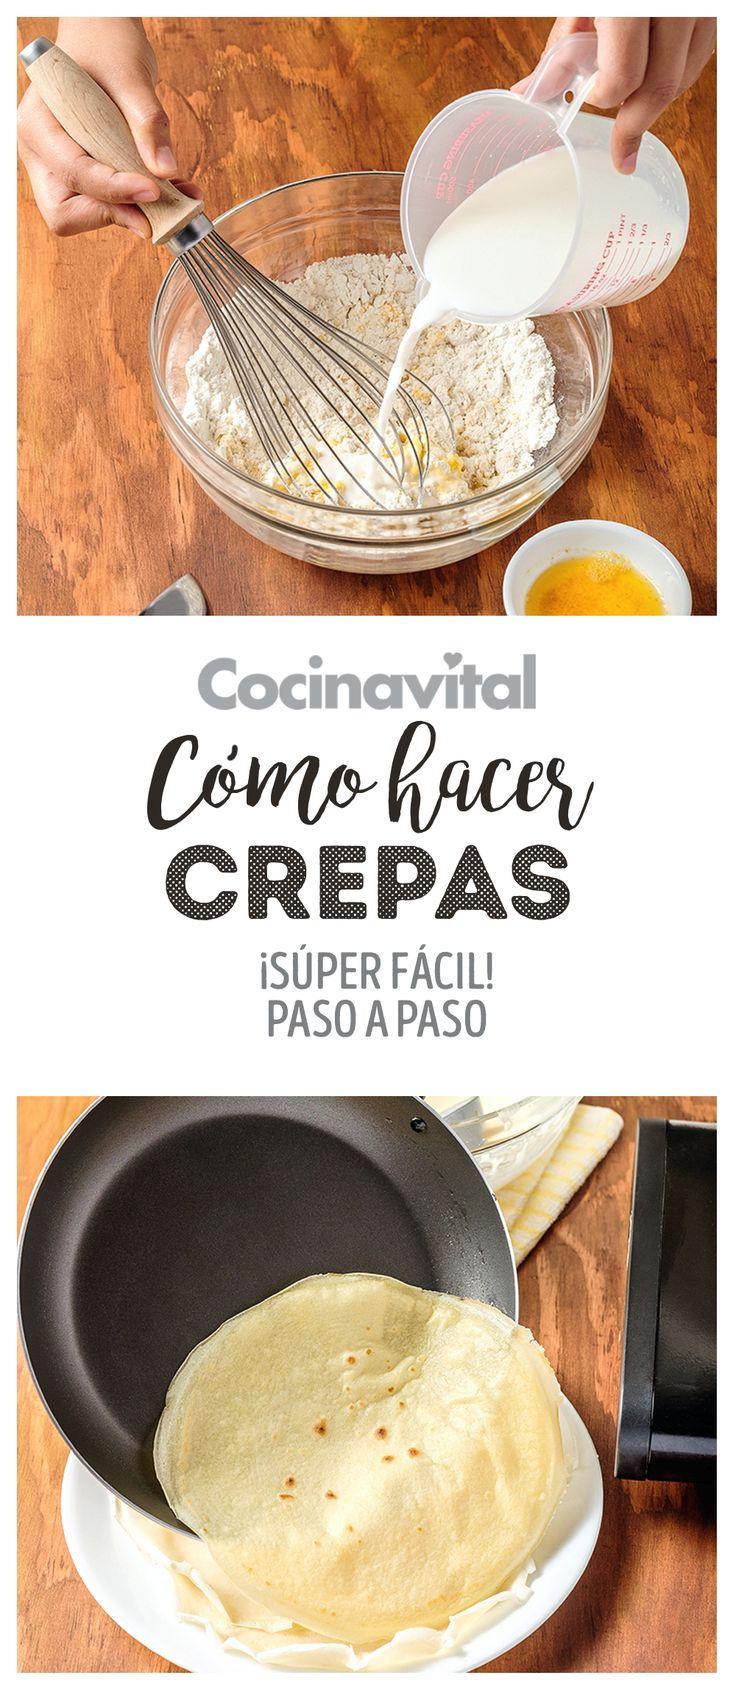 ¿Cómo hacer crepas fácilmente con la receta básica? Sigue los pasos para crear la masa de la crepa dulce o salada y después añade nutella, queso crema y más